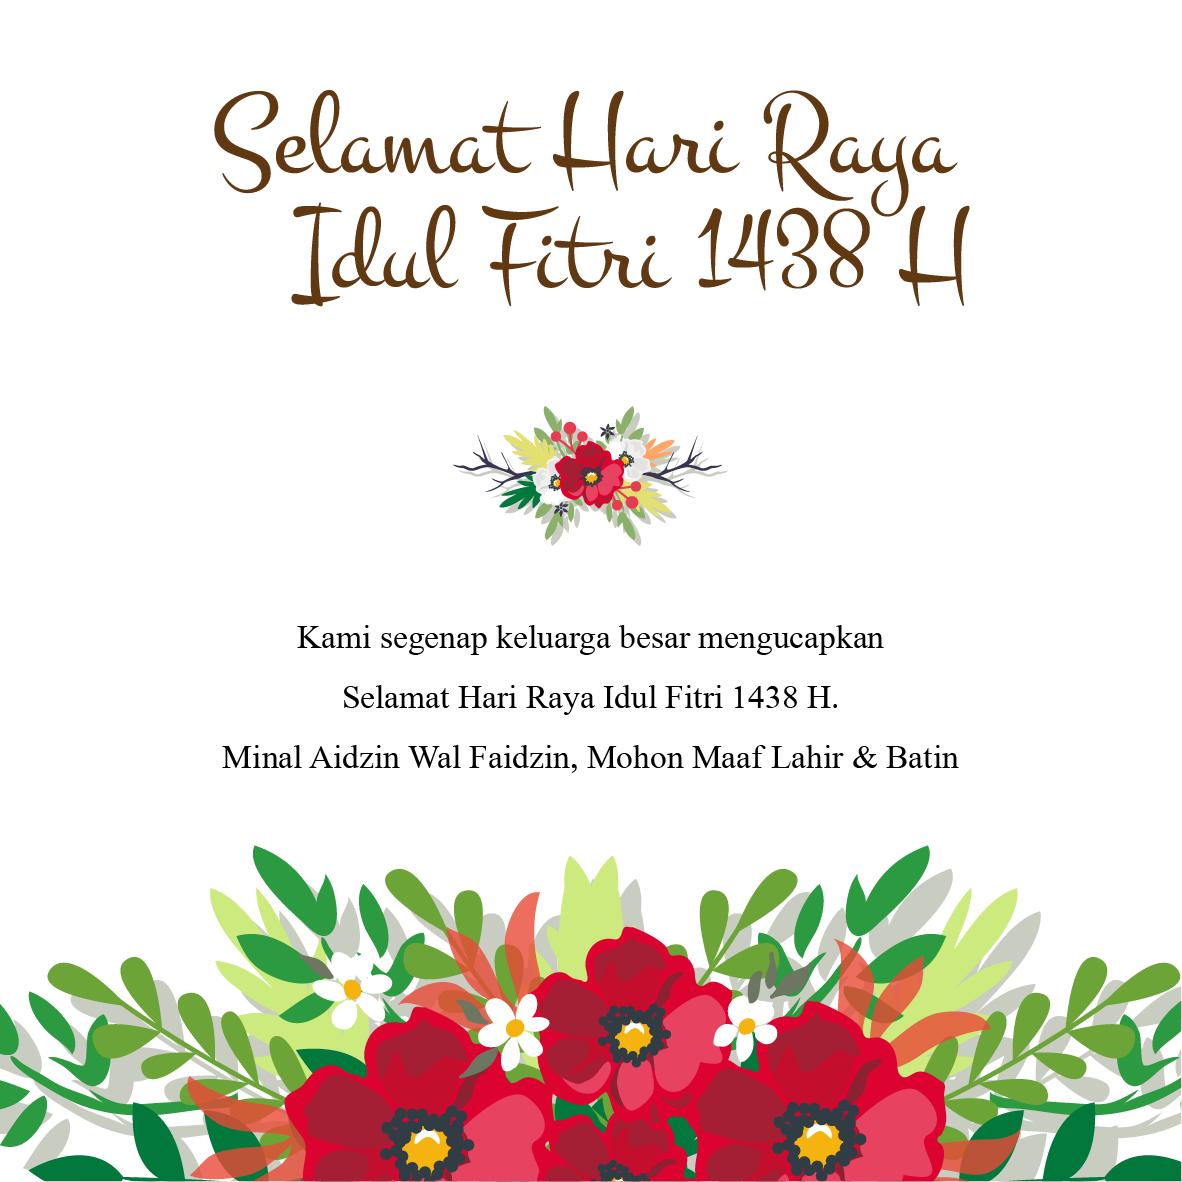 Nail By Artinya: Desain Kartu Ucapan Idul Fitri